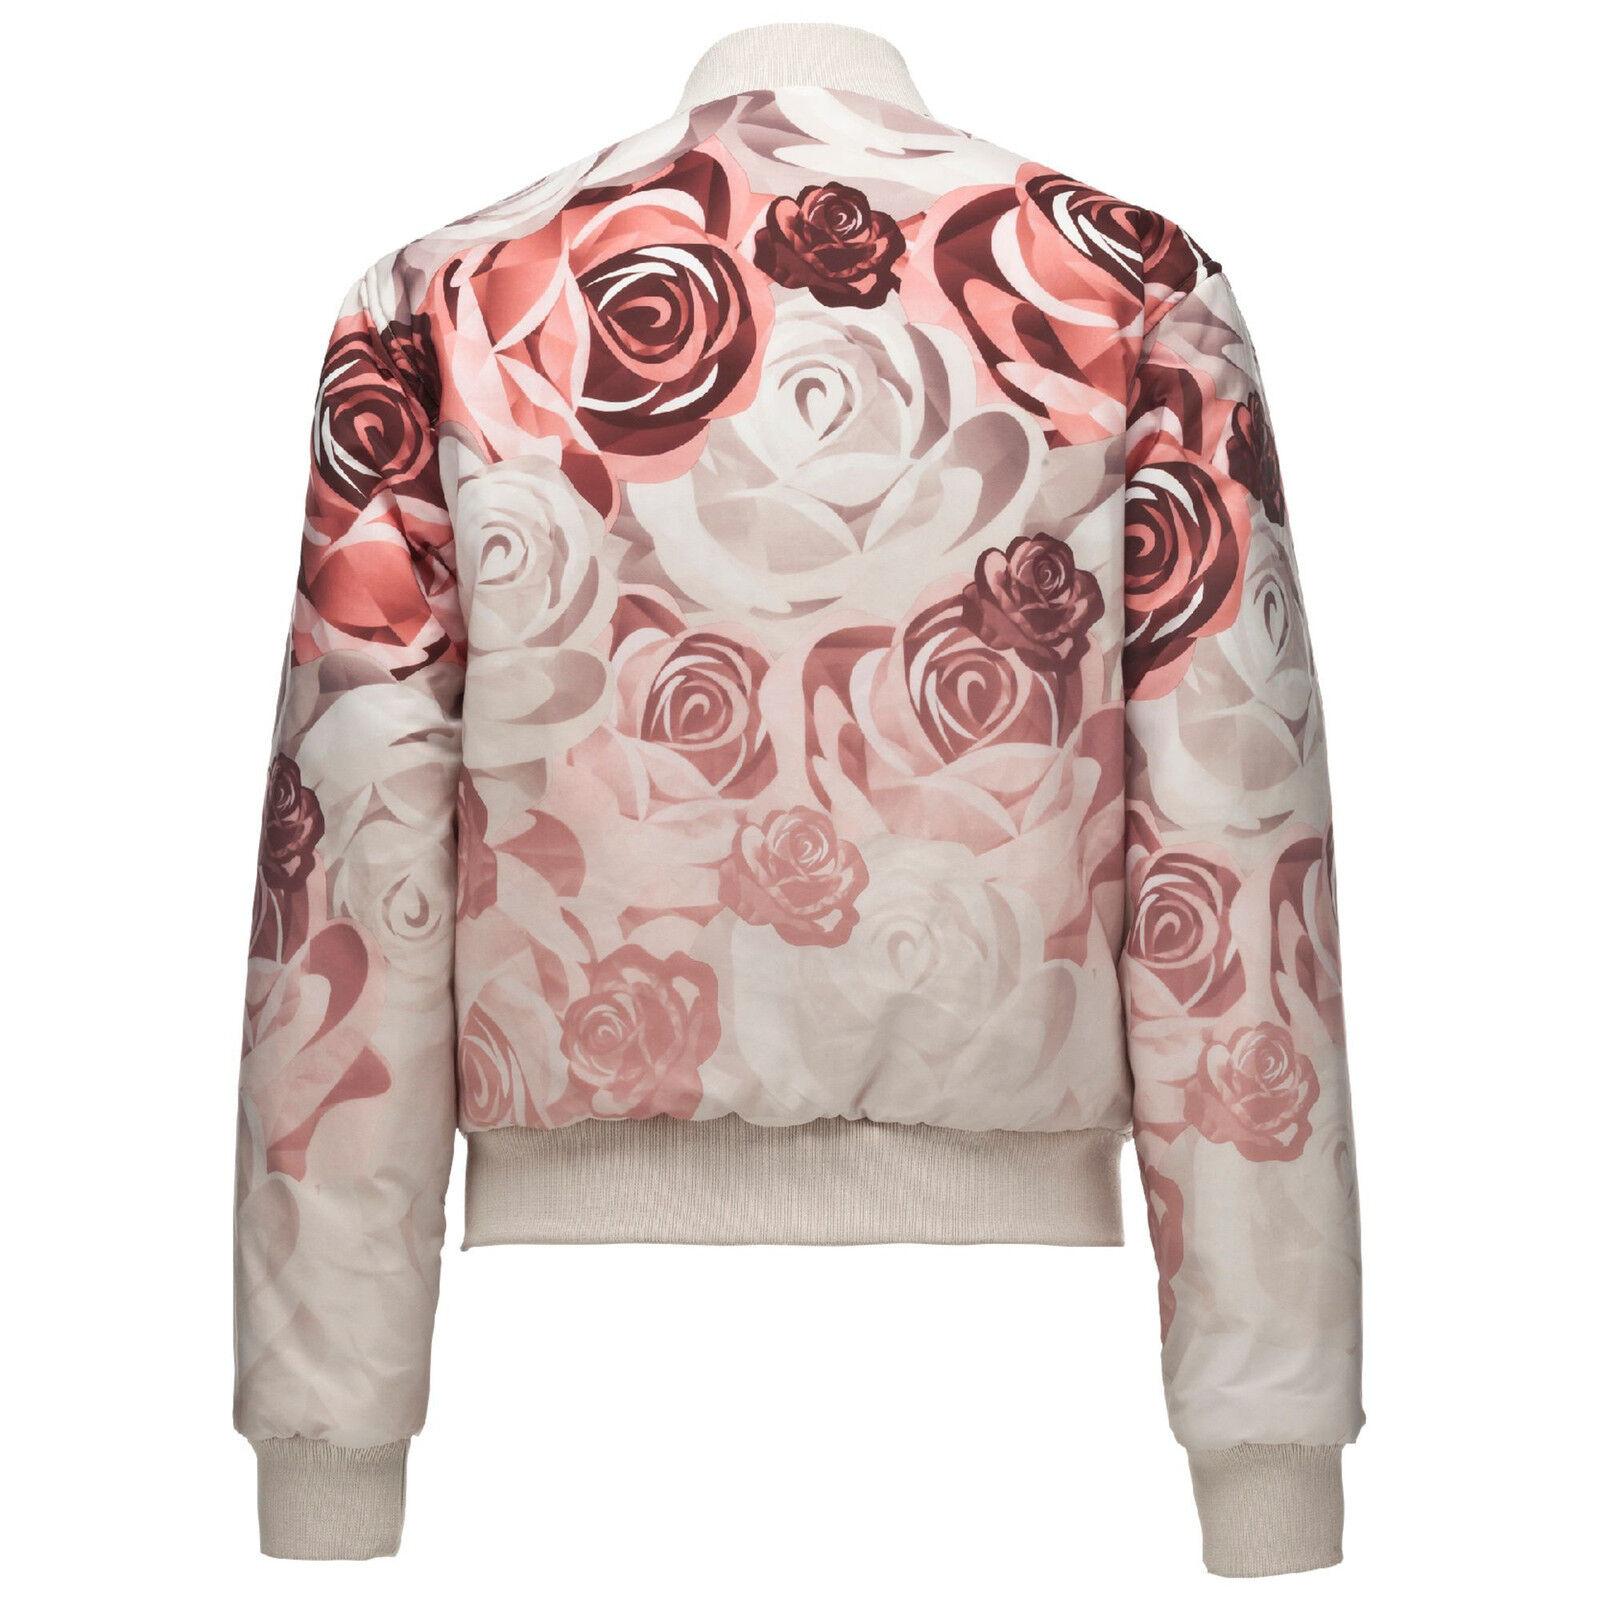 92de1d9eb PUMA X Careaux Reversible Bomber Pink/champagne Flowers Wom XS ANB